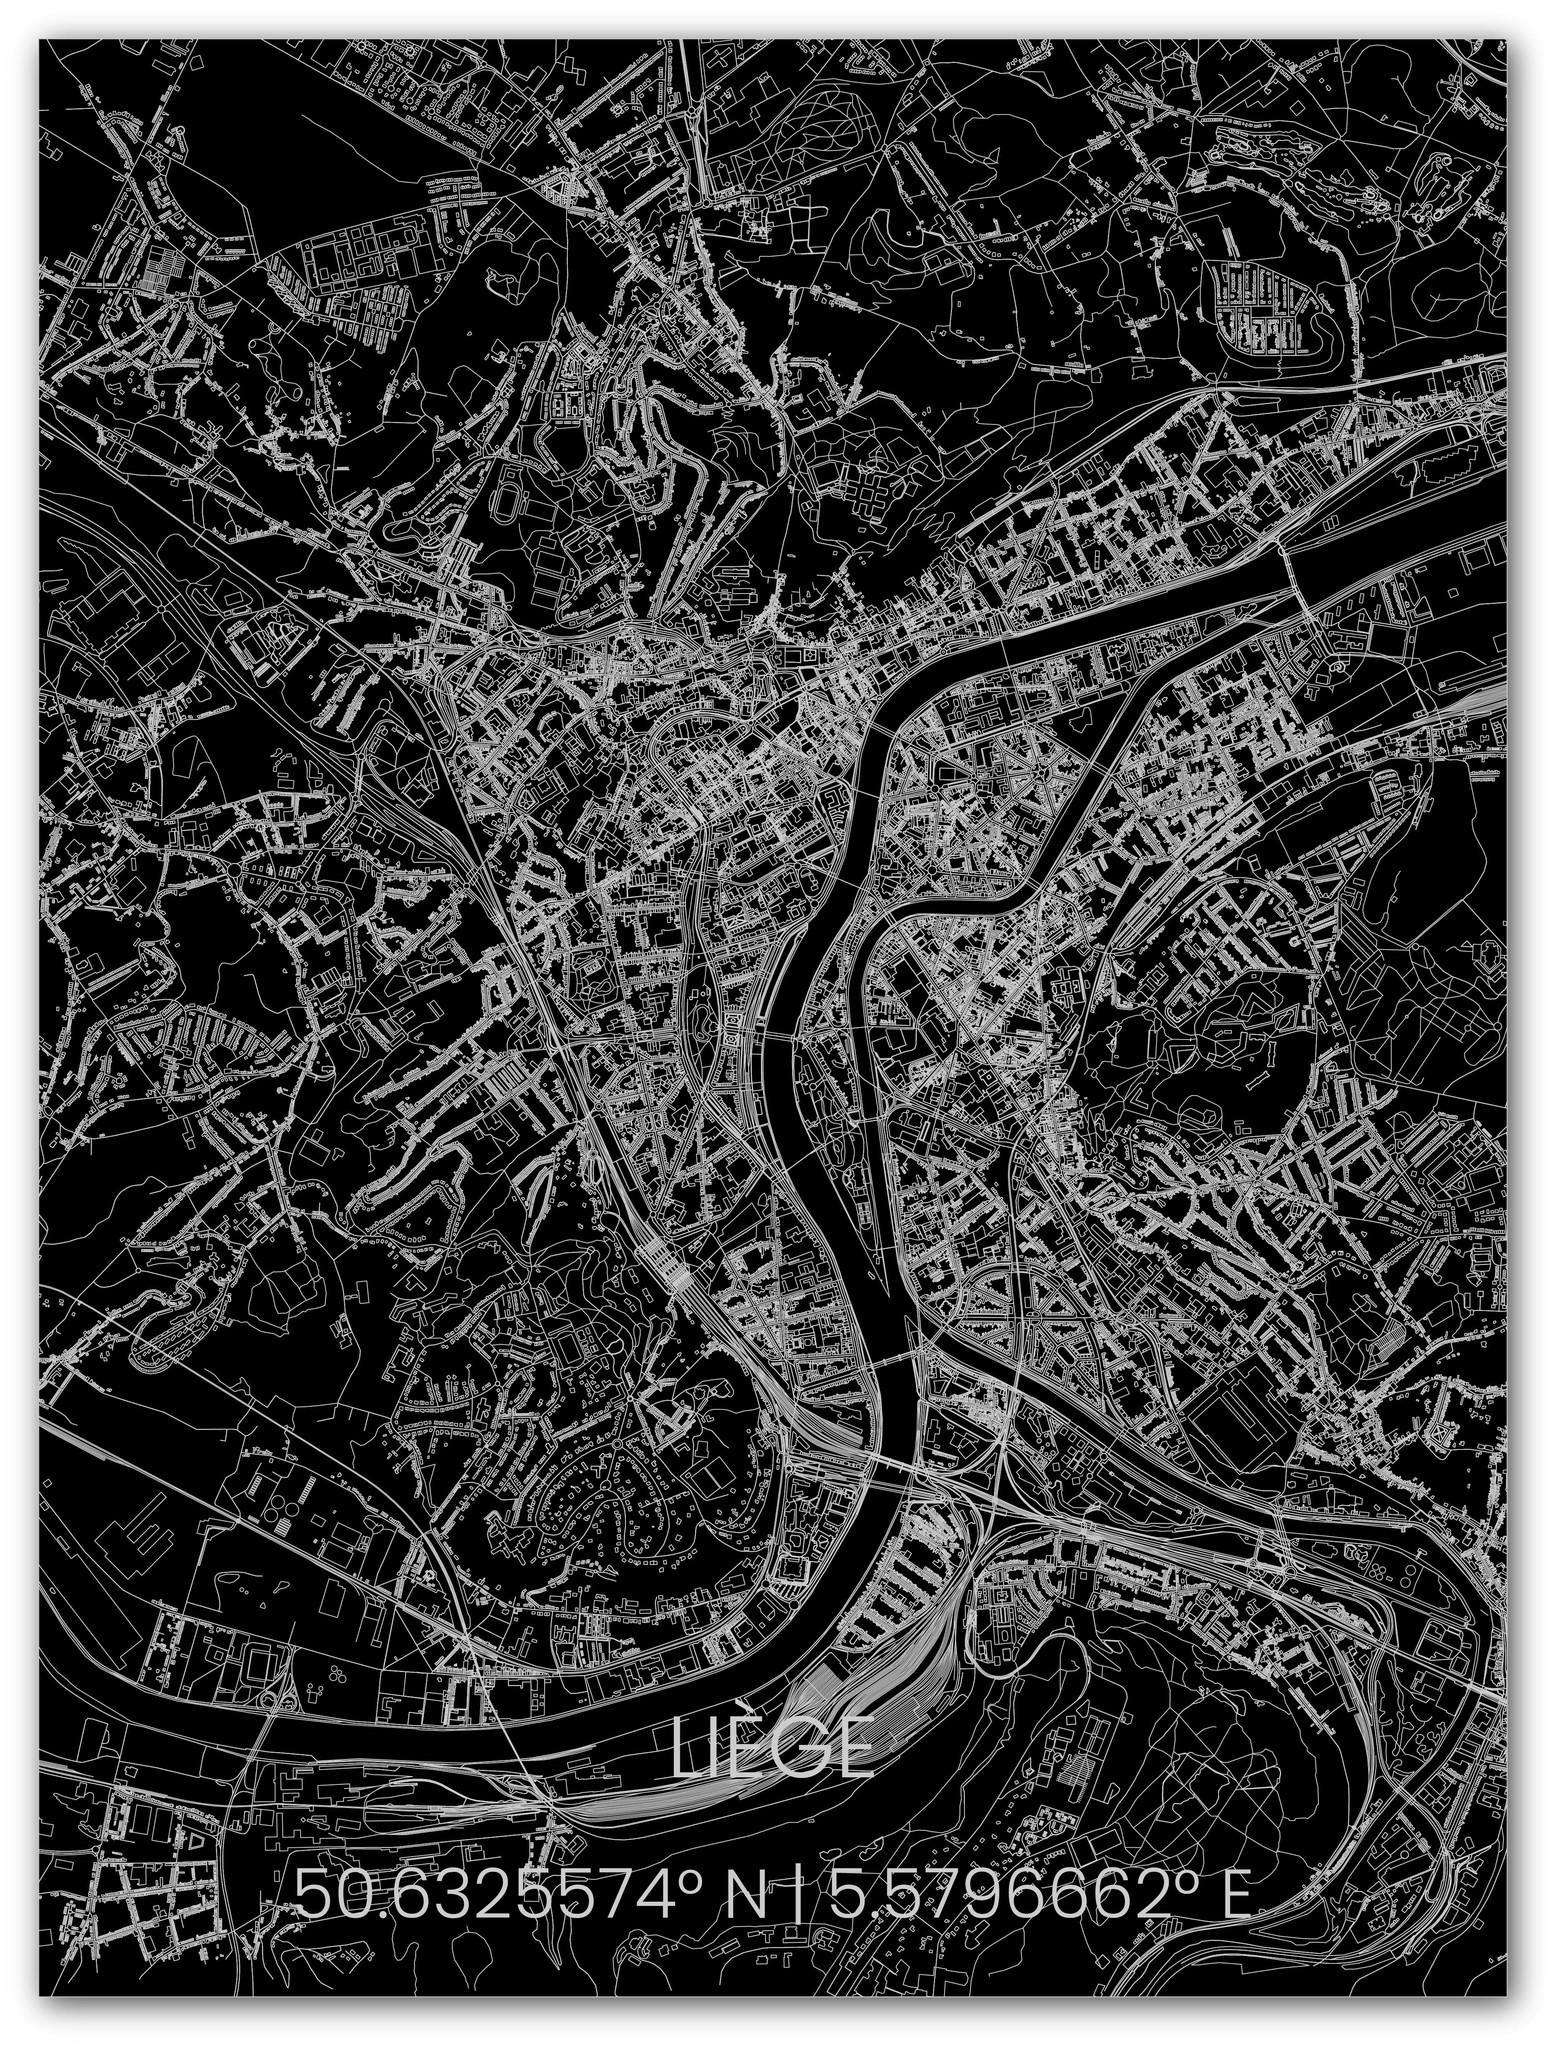 Metalen stadsplattegrond Luik-1